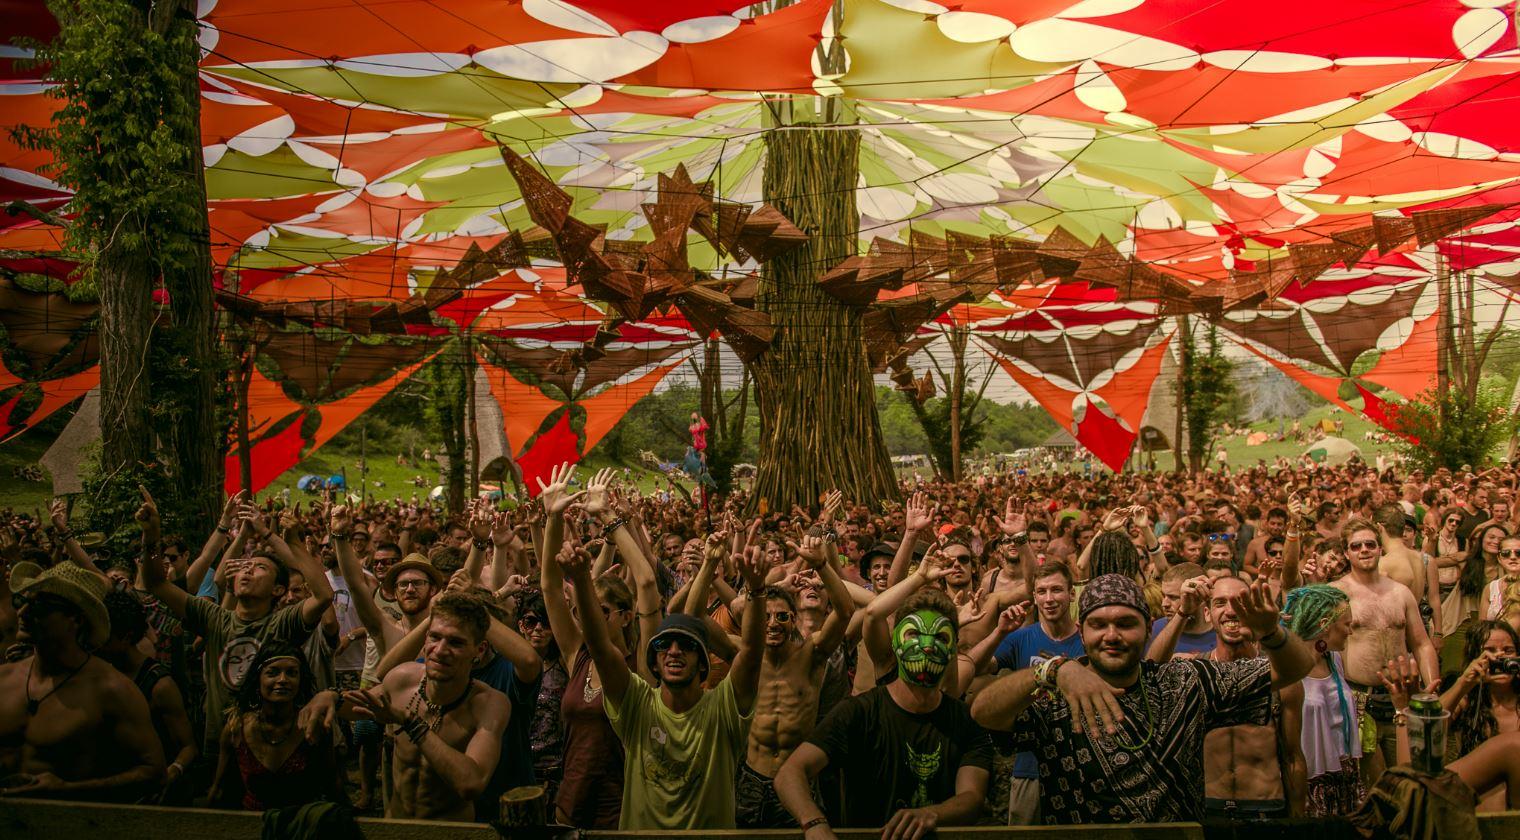 פסטיבל טראנס אוזורה